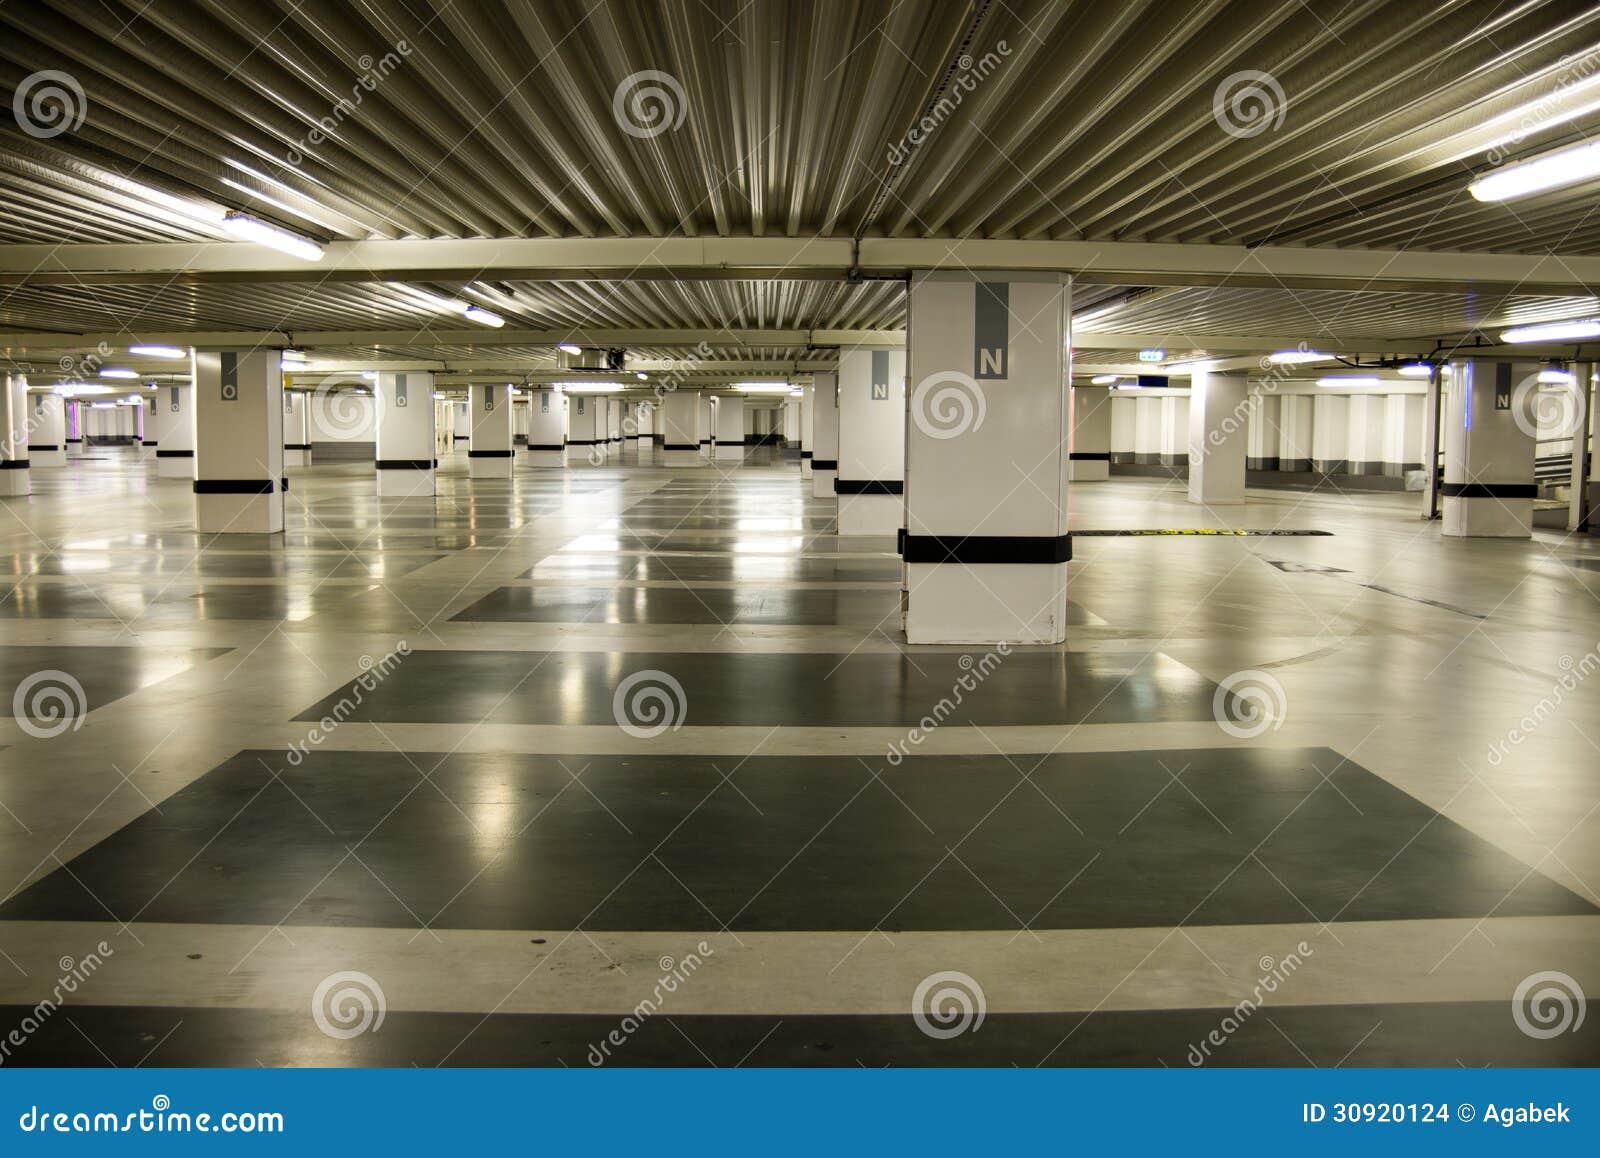 Concrete Underground Garage : Parking garage stock images image